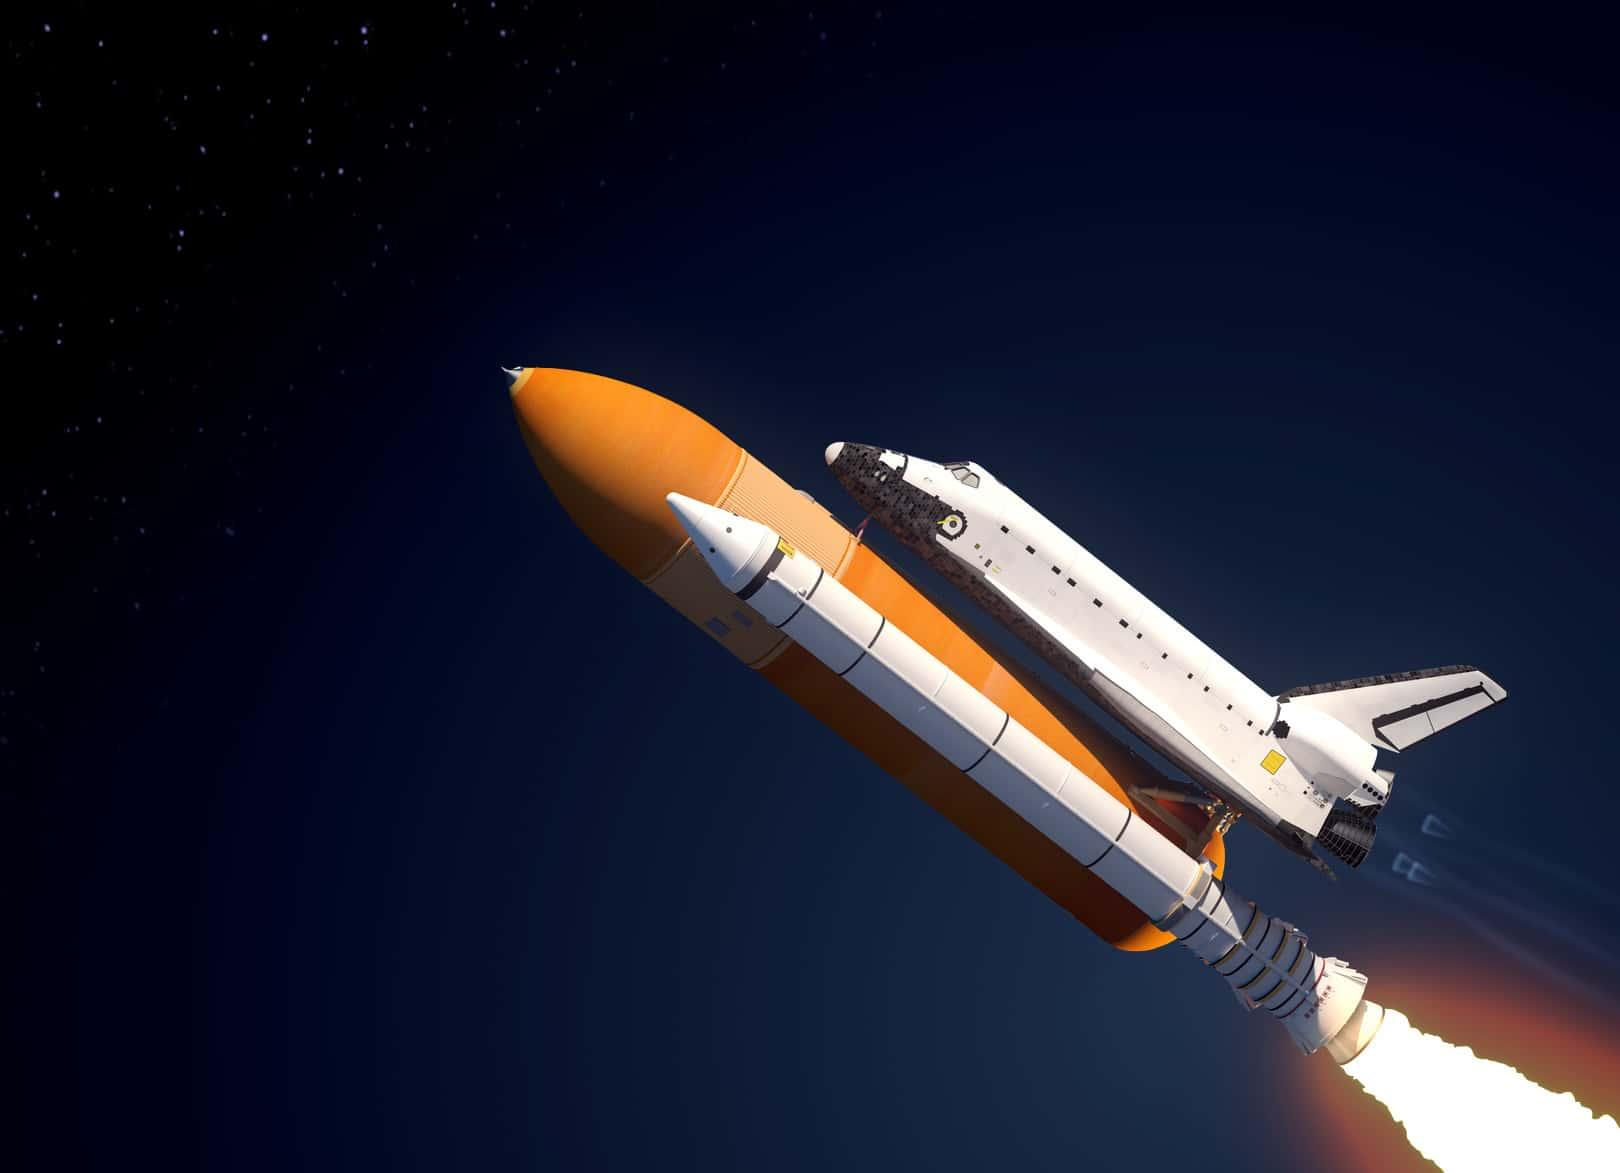 Loại tên lửa dùng để đẩy tàu vũ trụ bay vào không gian (Tàu vũ trụ bay trong không gian như thế nào)